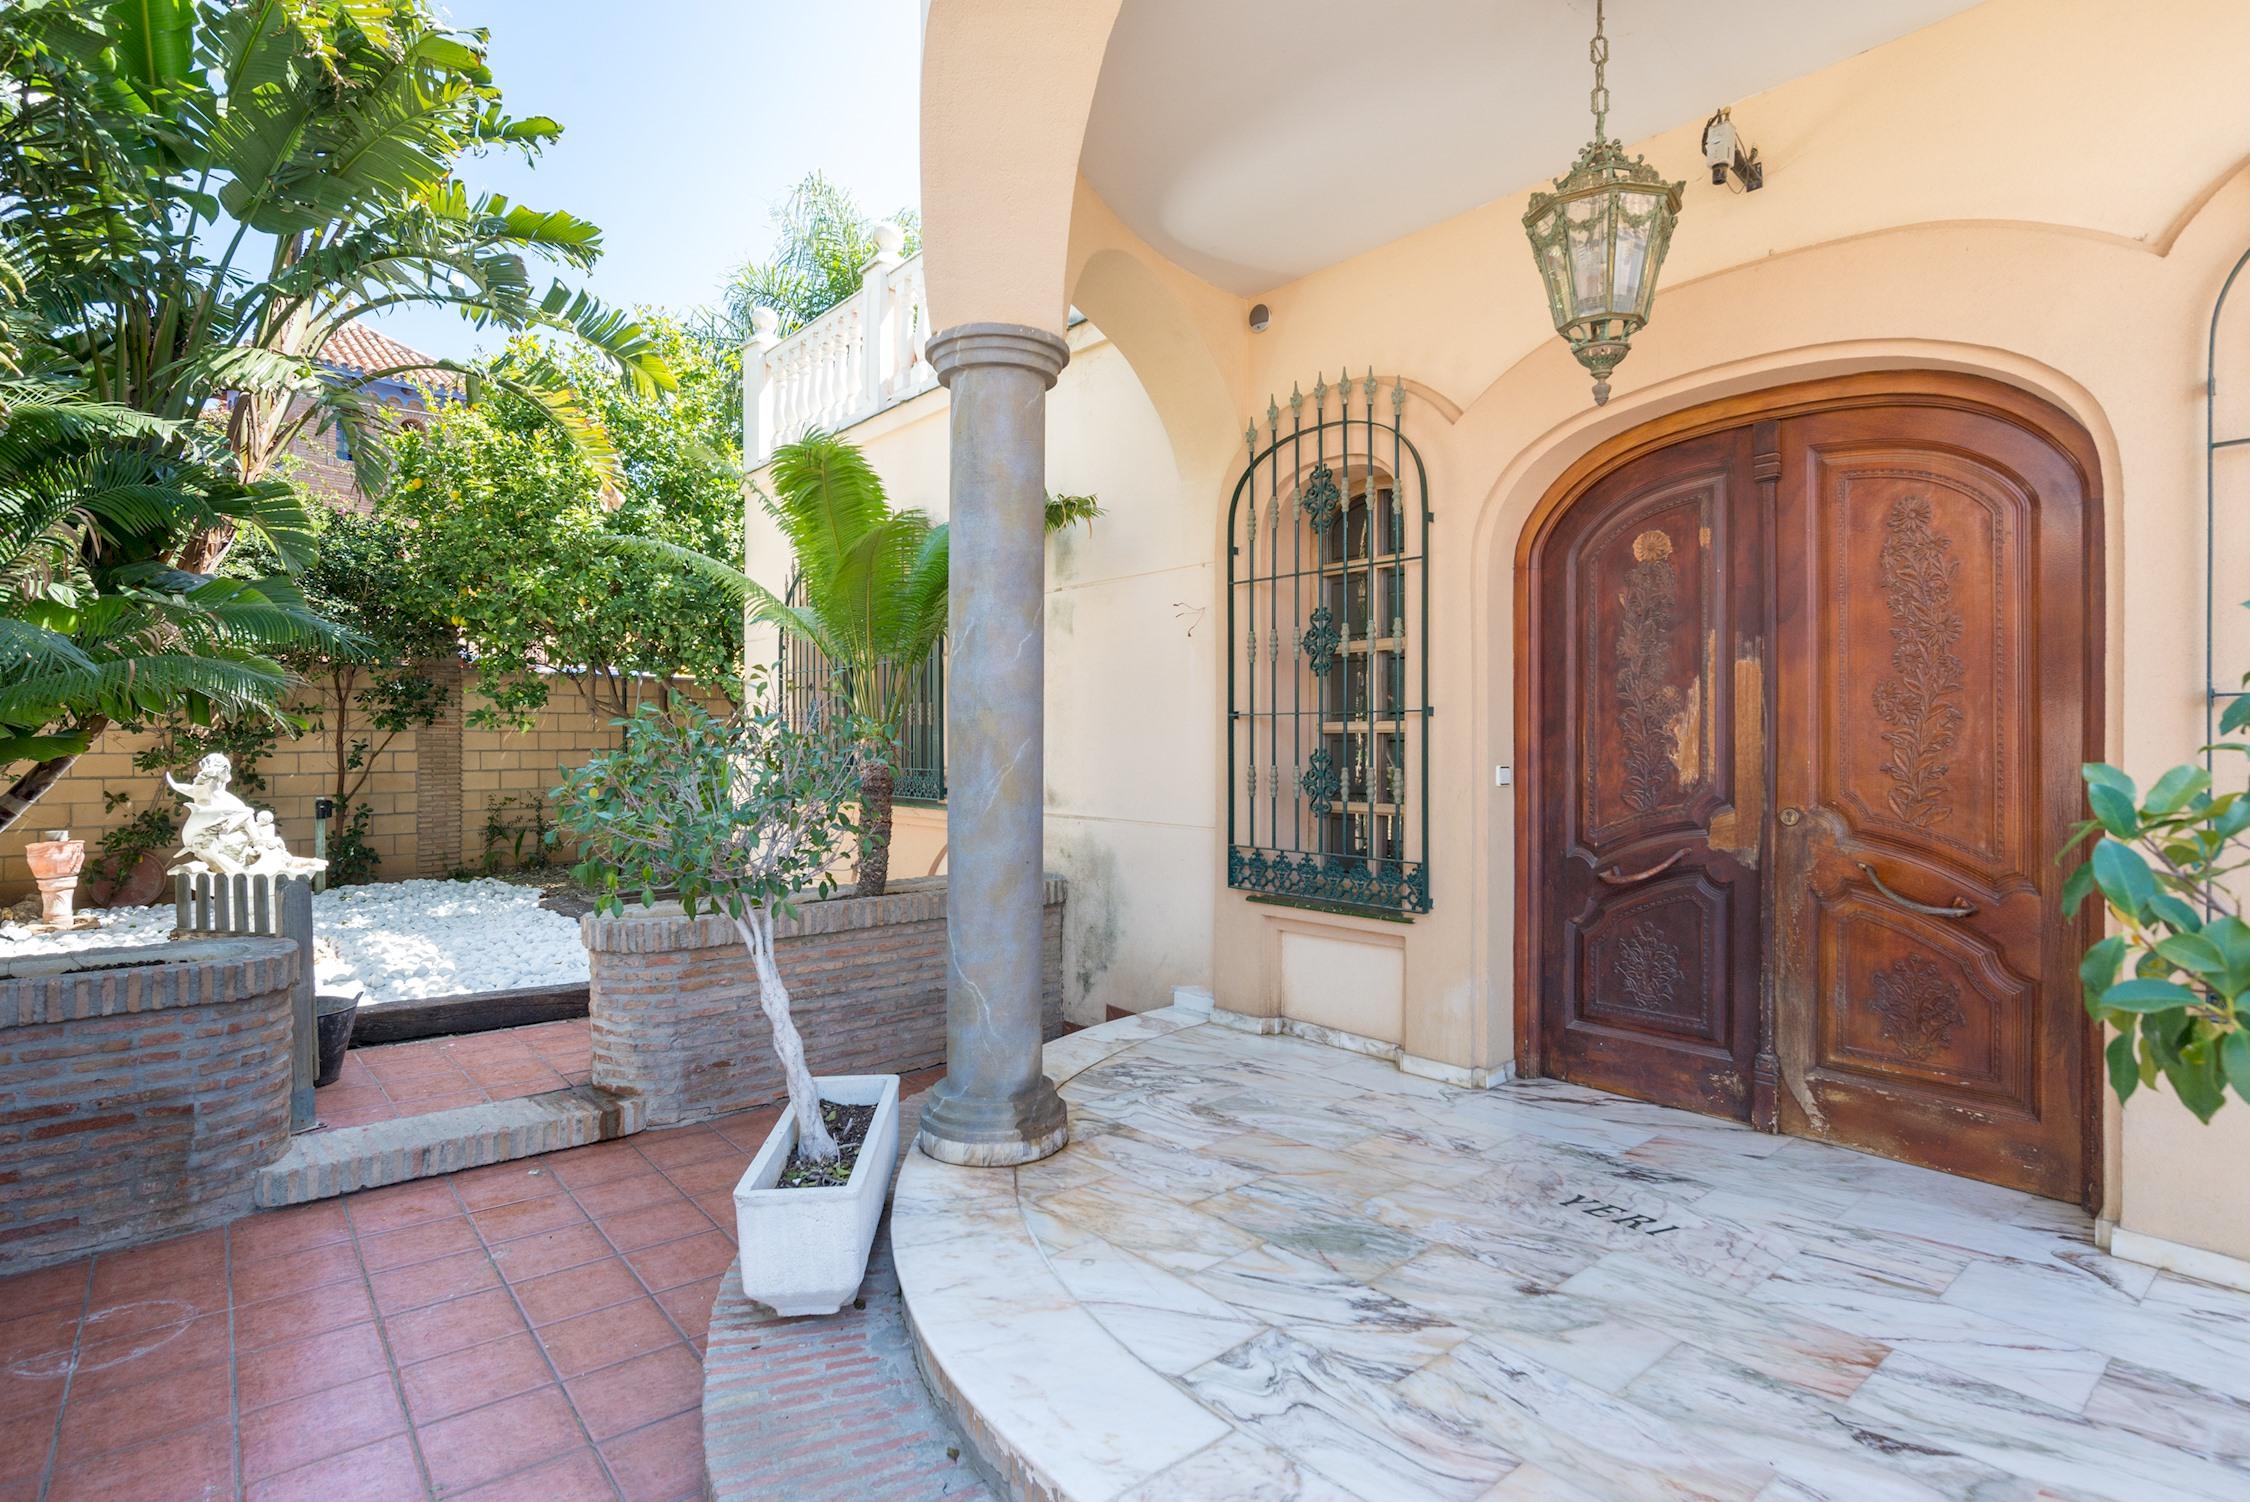 MalagaSuite Fancy House photo 20506824